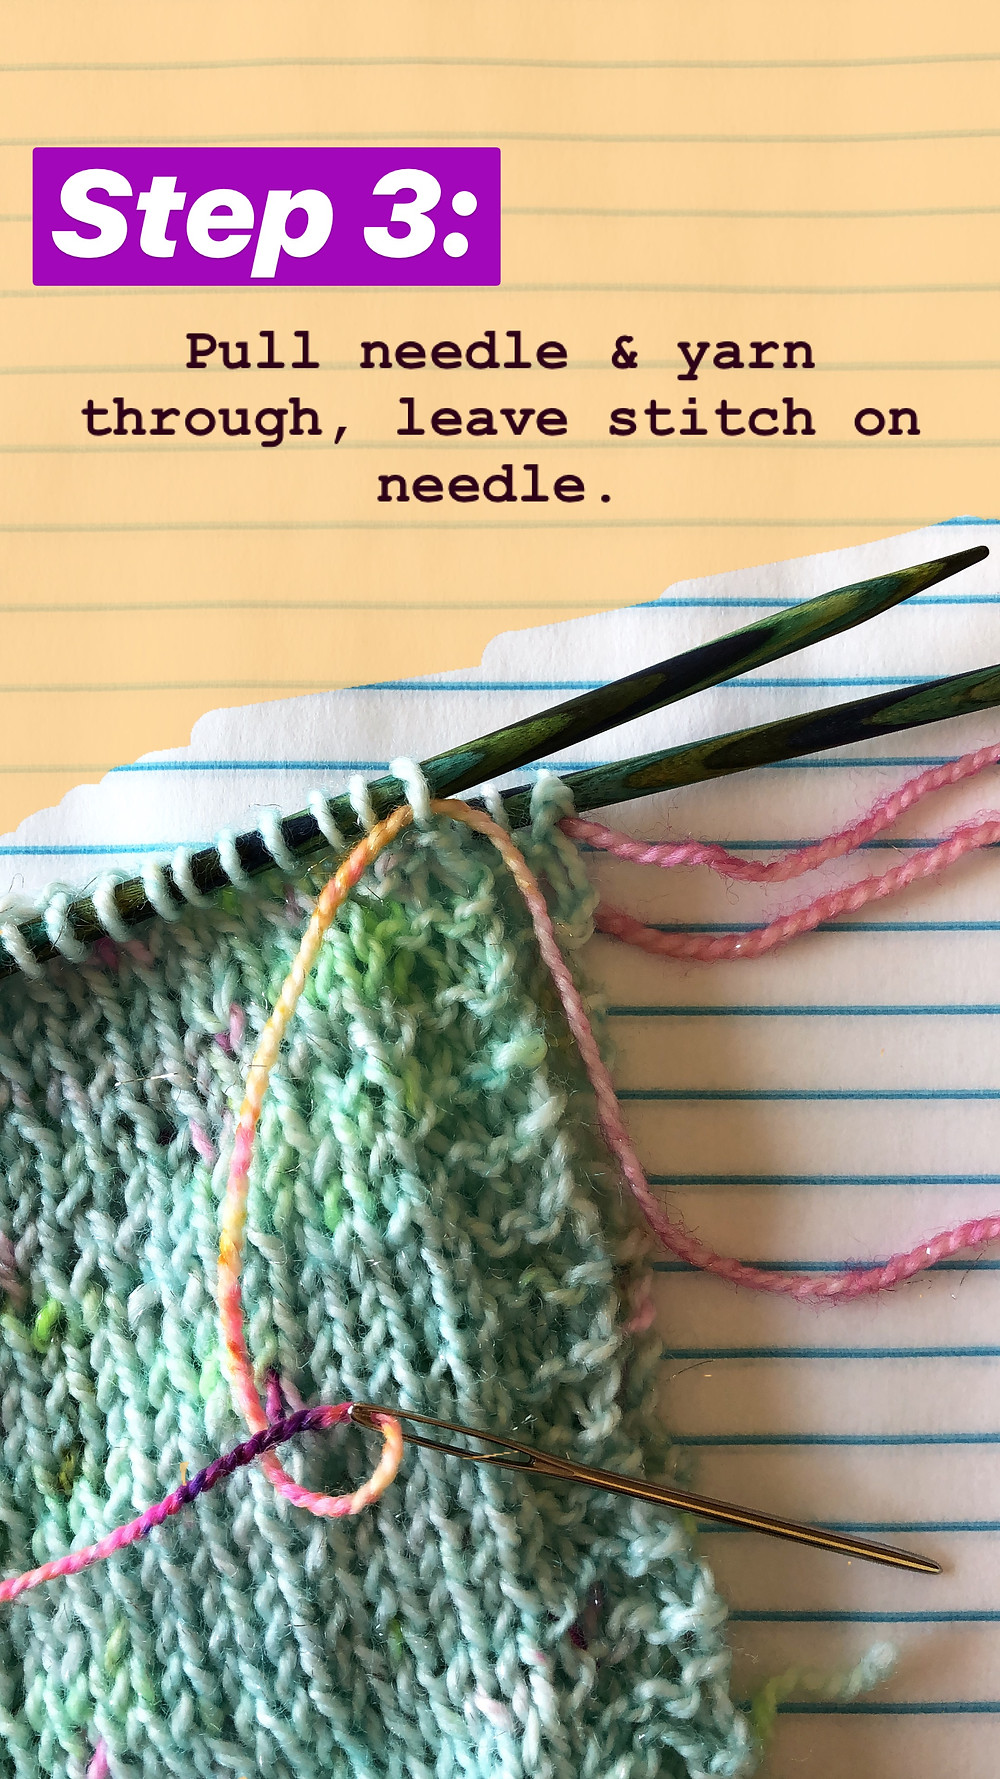 Easy Grafting / Kitchener Stitch Tutorial Step 3